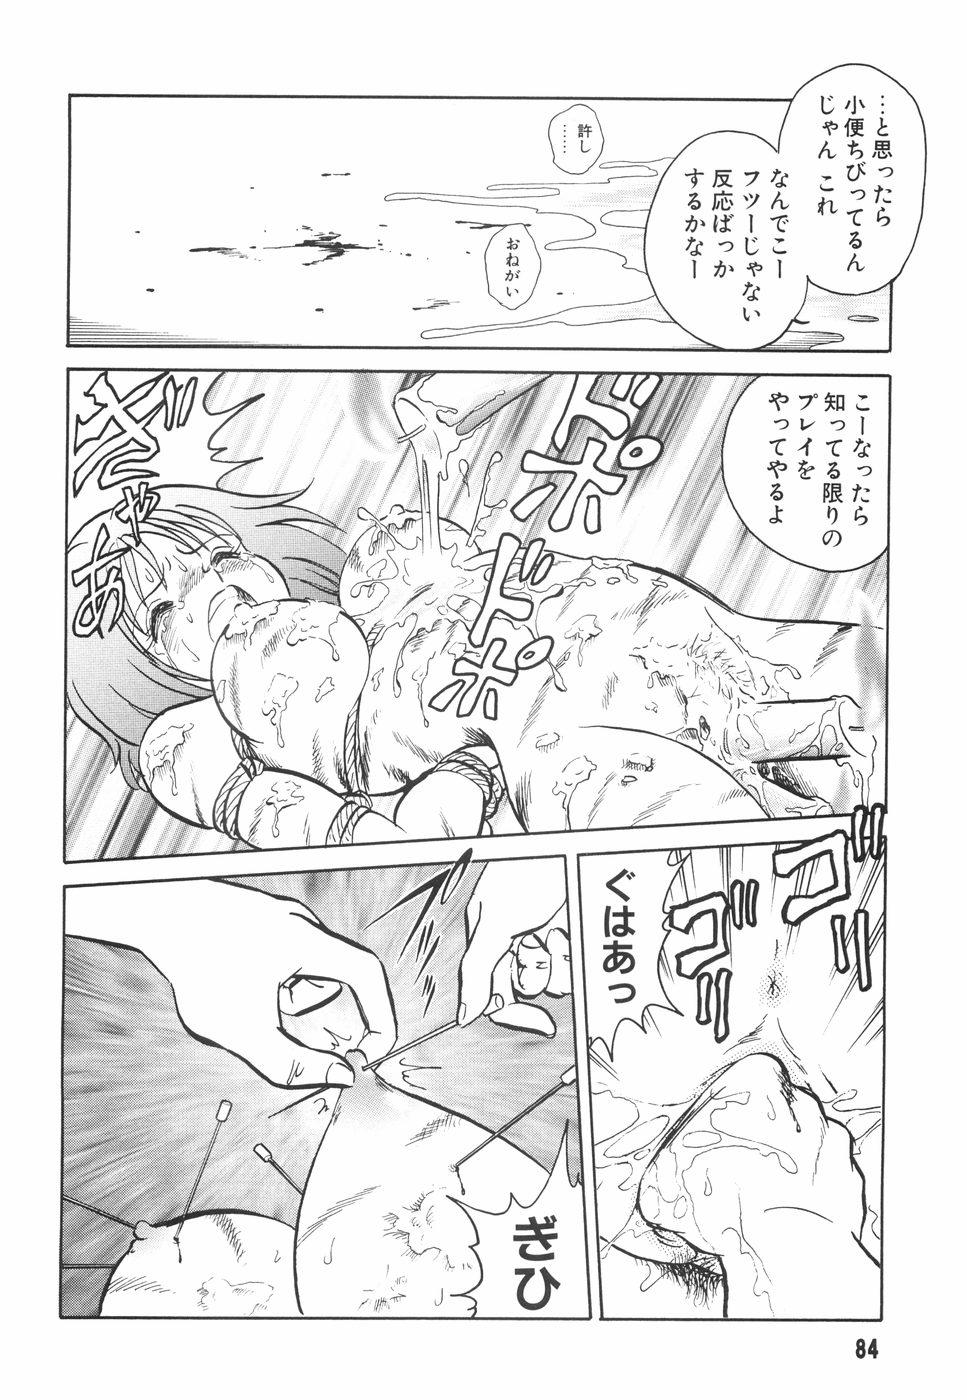 Hazukashime no Jikan 84